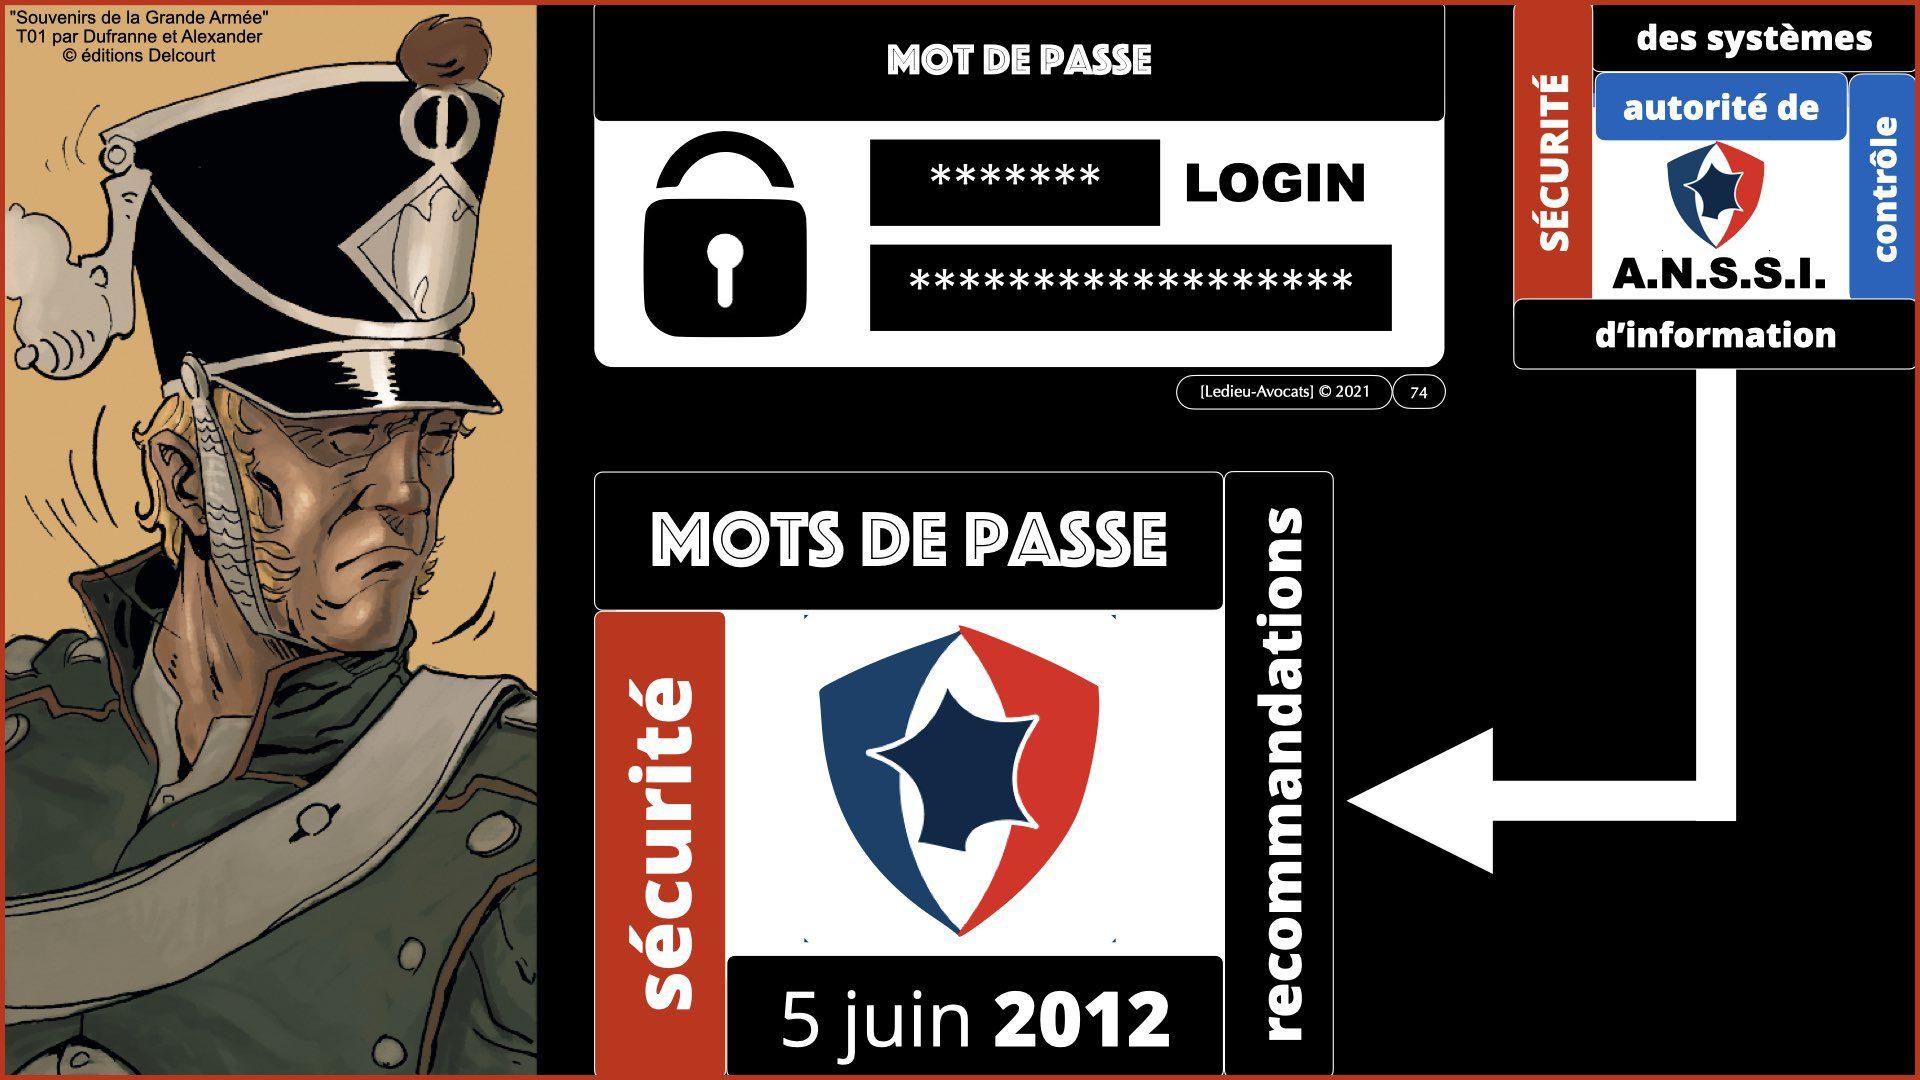 342 droit mot de passe OIV OSE ANALYSE de RISQUE EBIOS RM © Ledieu-Avocats technique droit numérique 05-09-2021.004